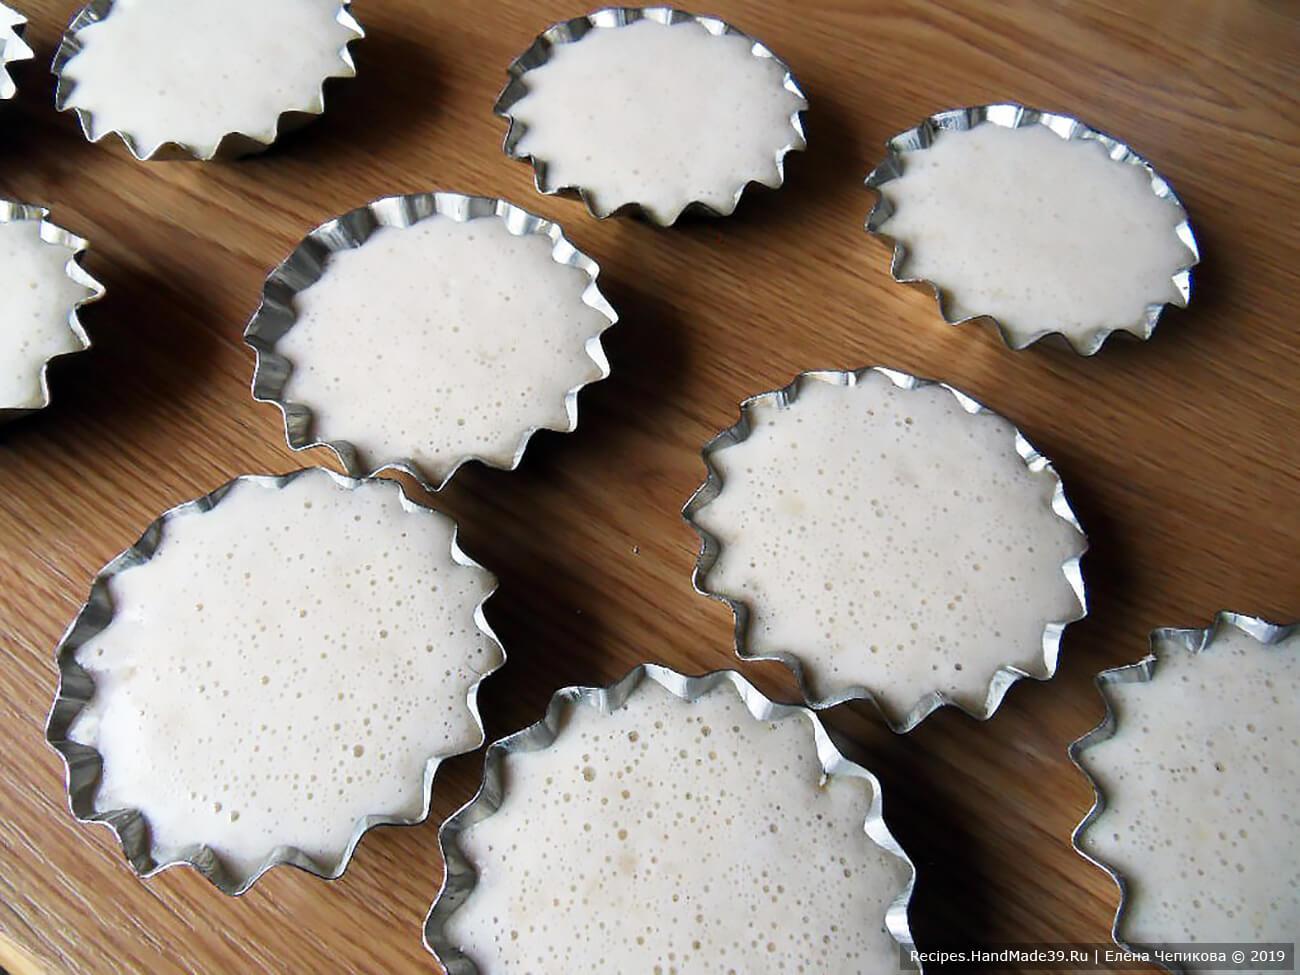 Формочки для выпечки смазать сливочным маслом. Заполнить их полученной массой